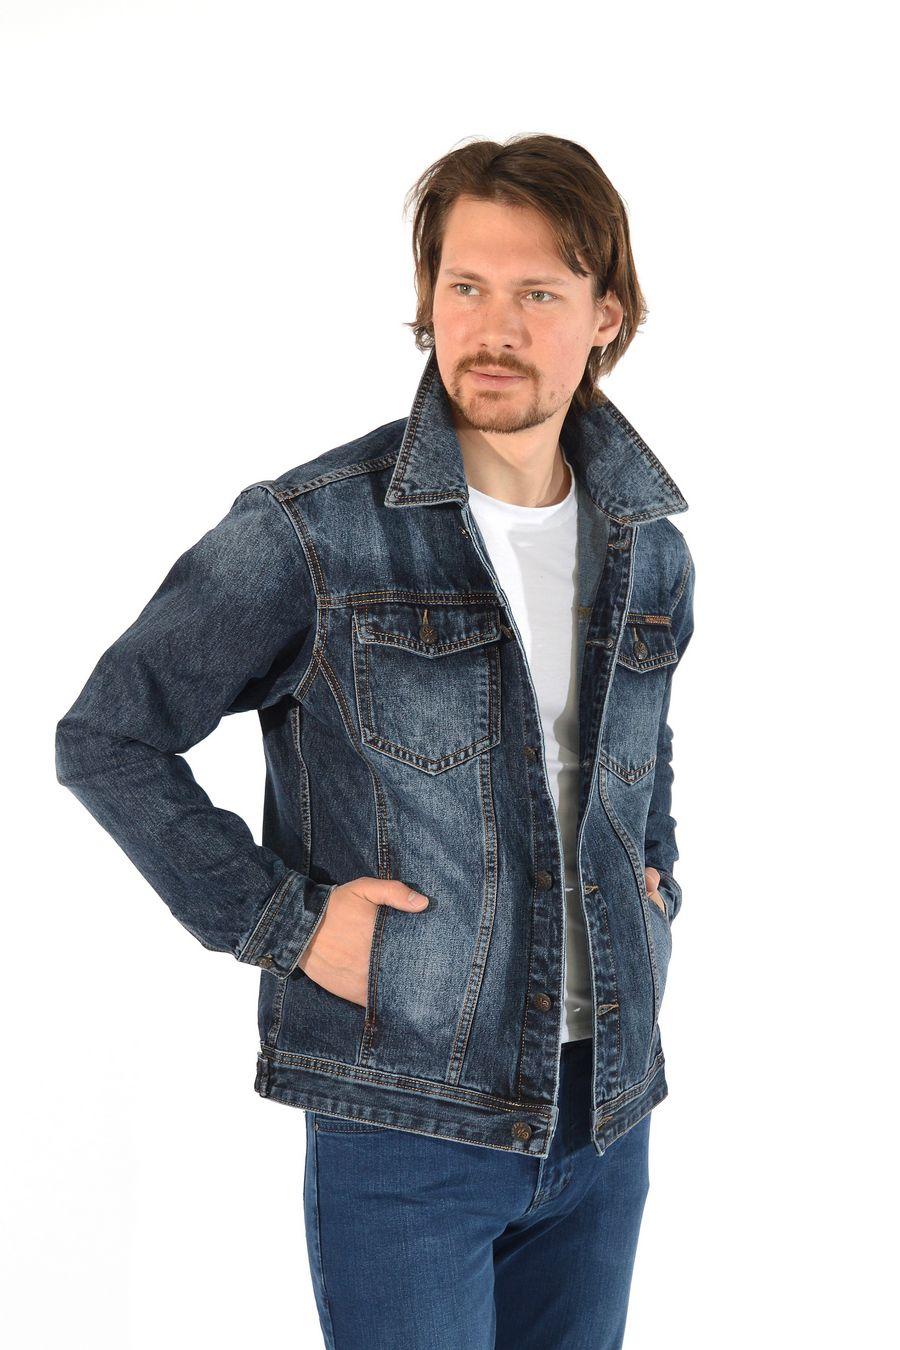 Пиджак мужской (джинсовка) Regass 87211/07 - фото 4